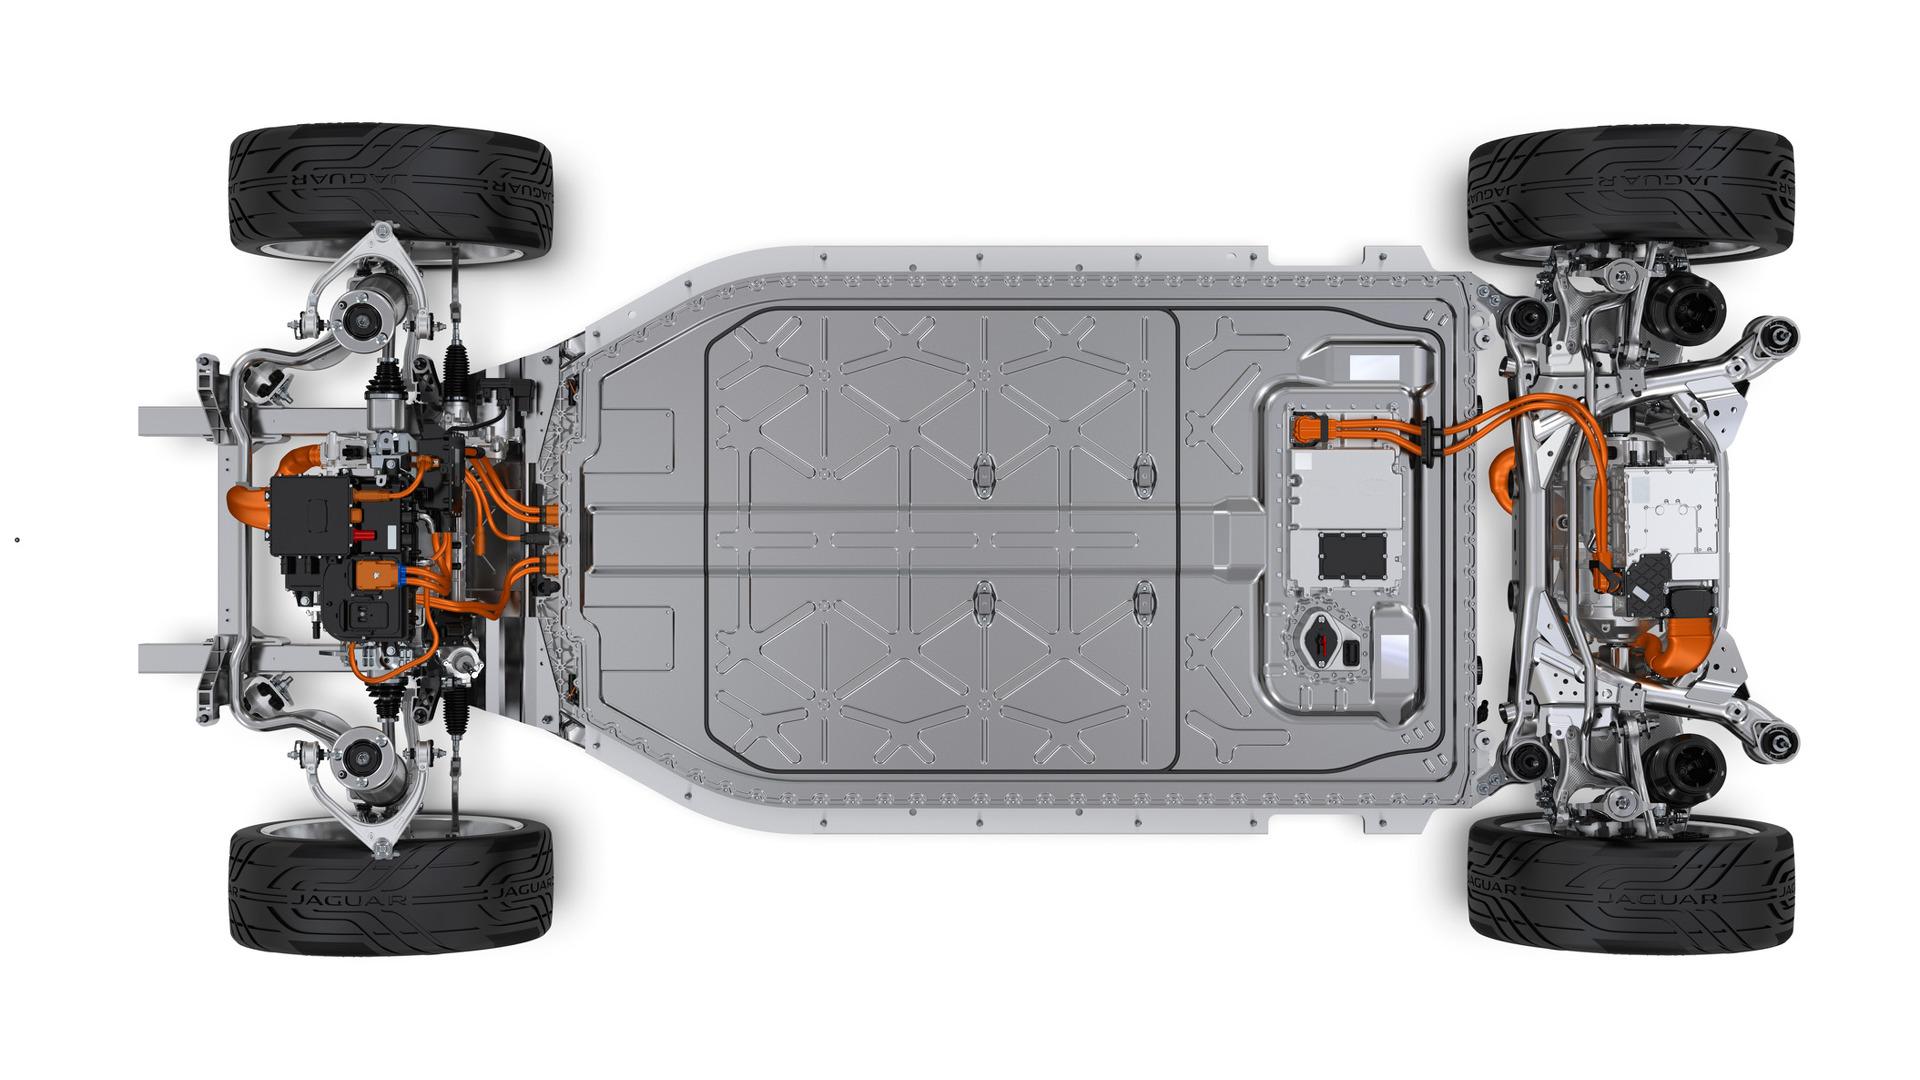 jaguar-i-pace-concept (33).jpg